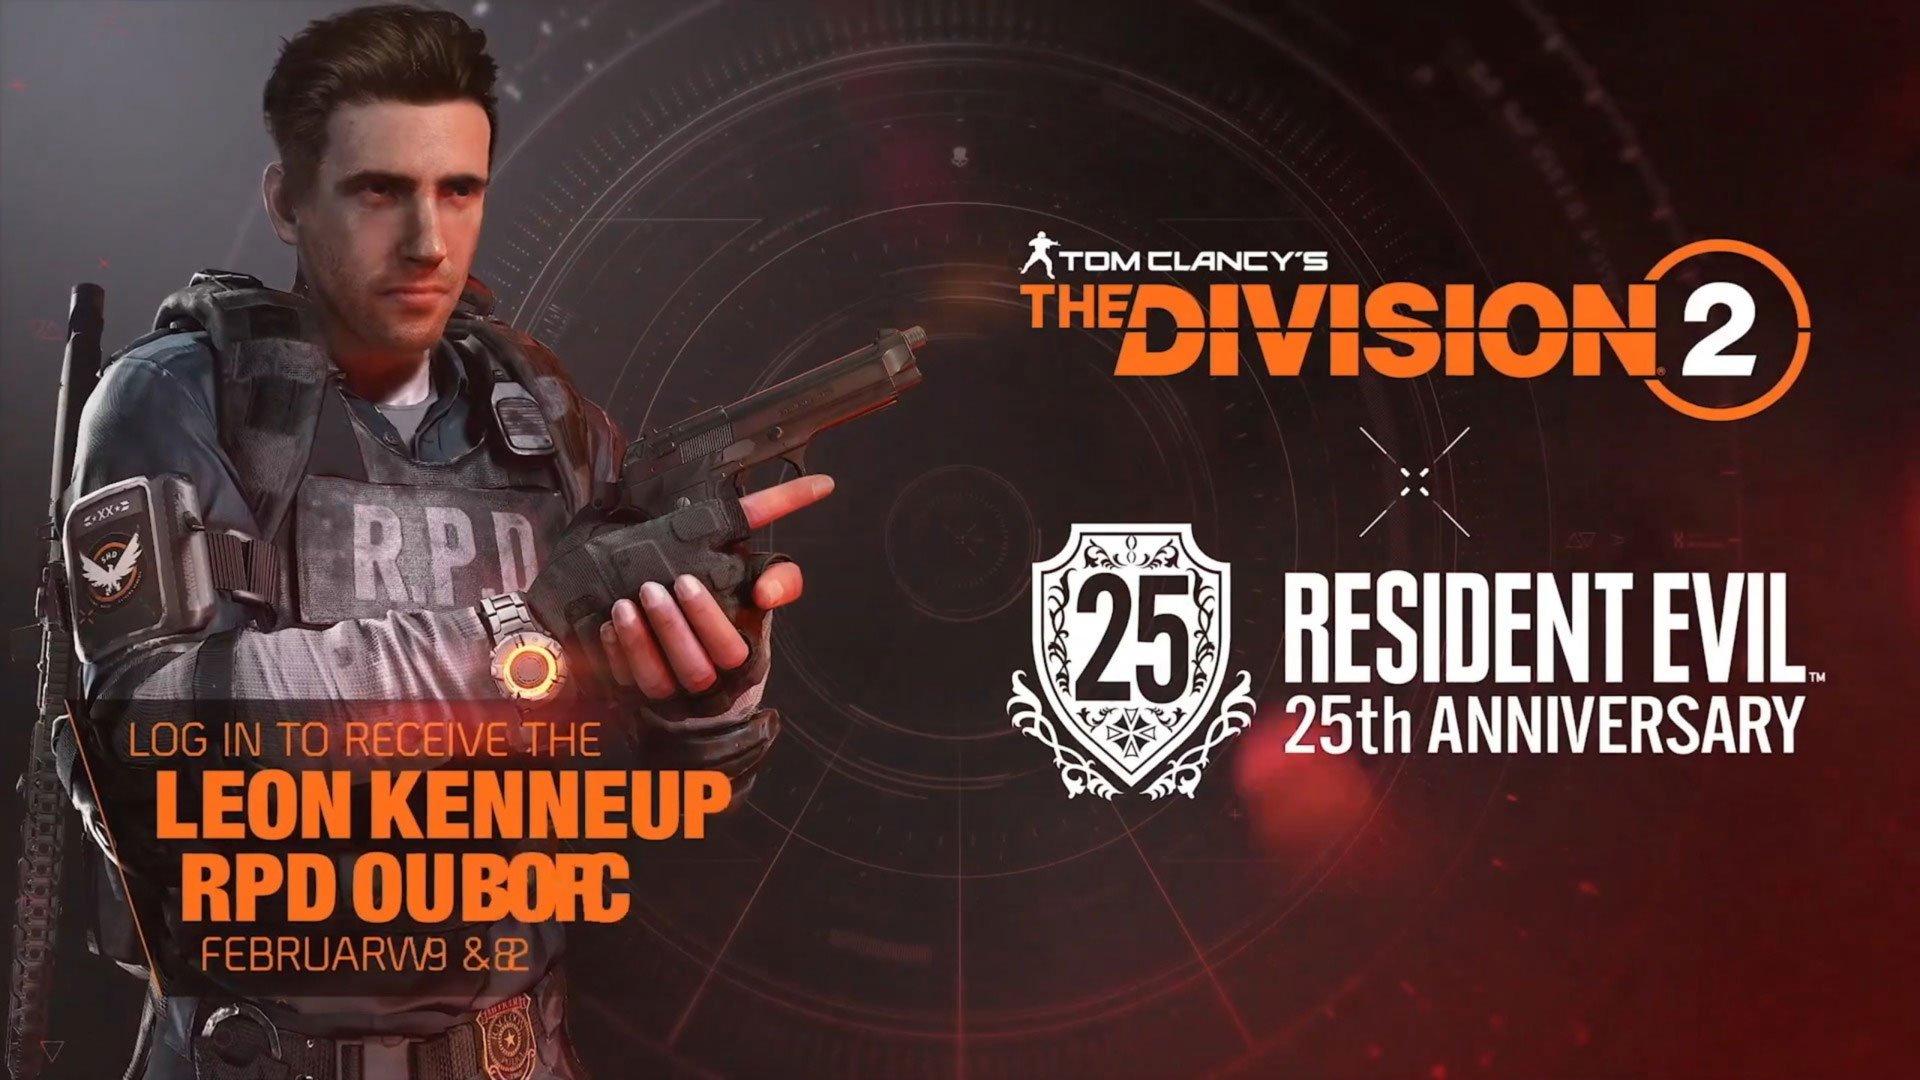 لباس کاراکترهای Resident Evil به بازی The Division 2 اضافه میشود